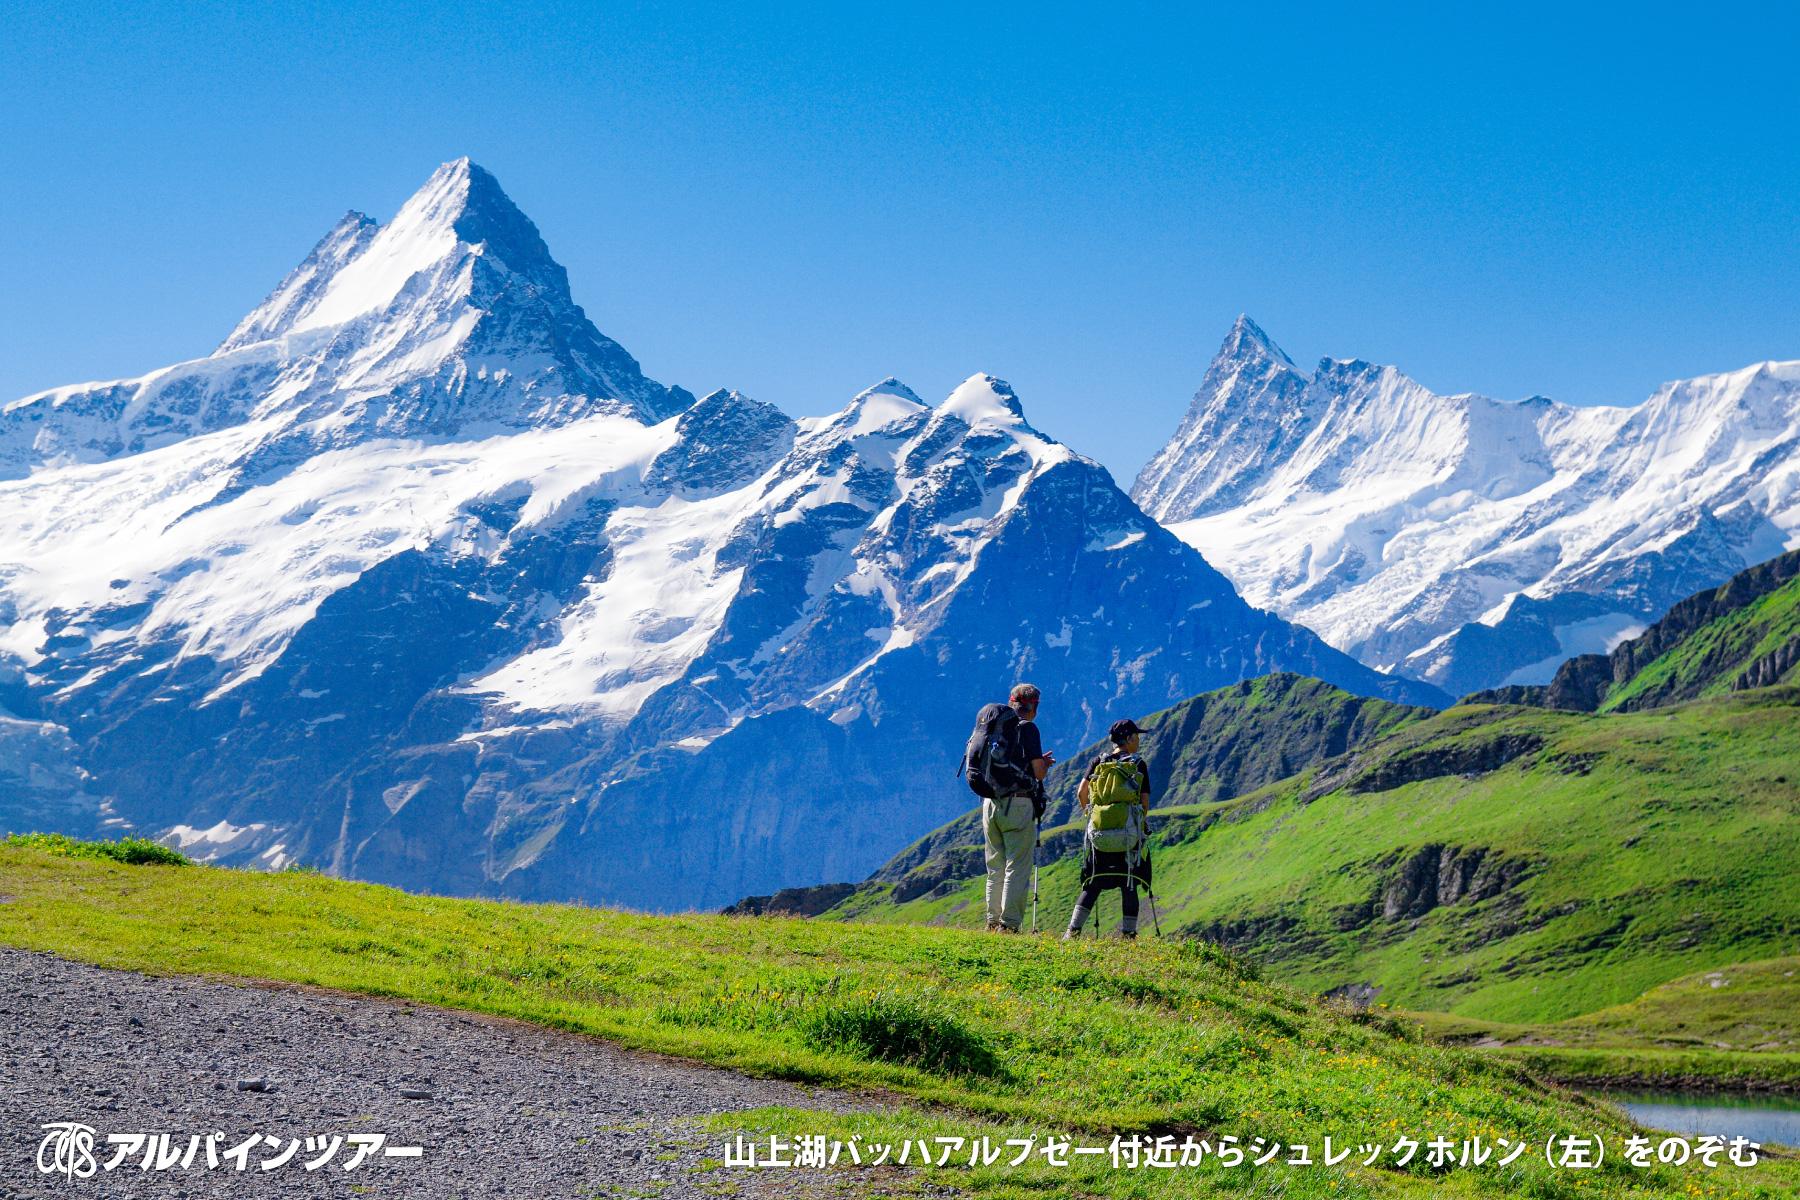 【今日の名峰】 ユングフラウ地方の隠れた名峰  シュレックホルン